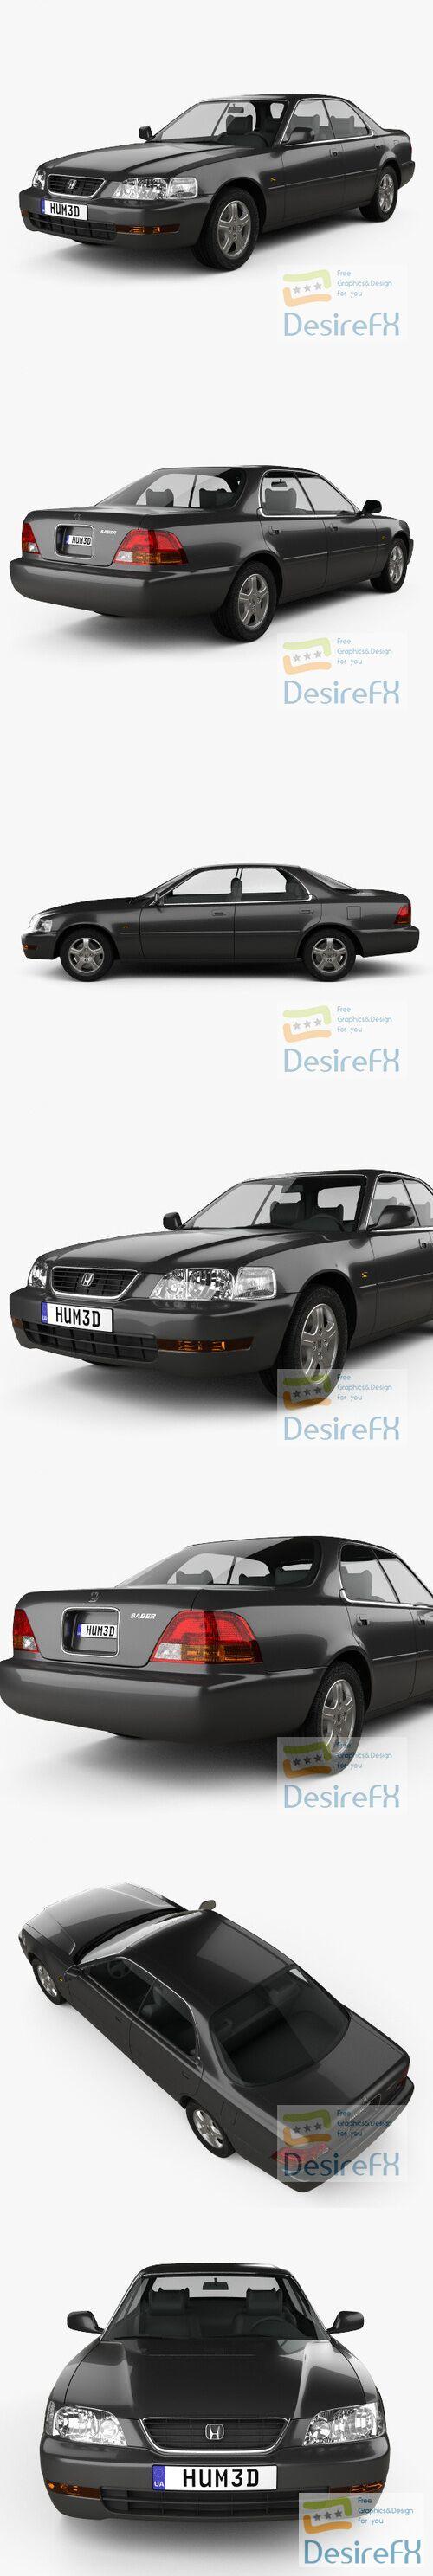 Honda Saber 1995 3D Model